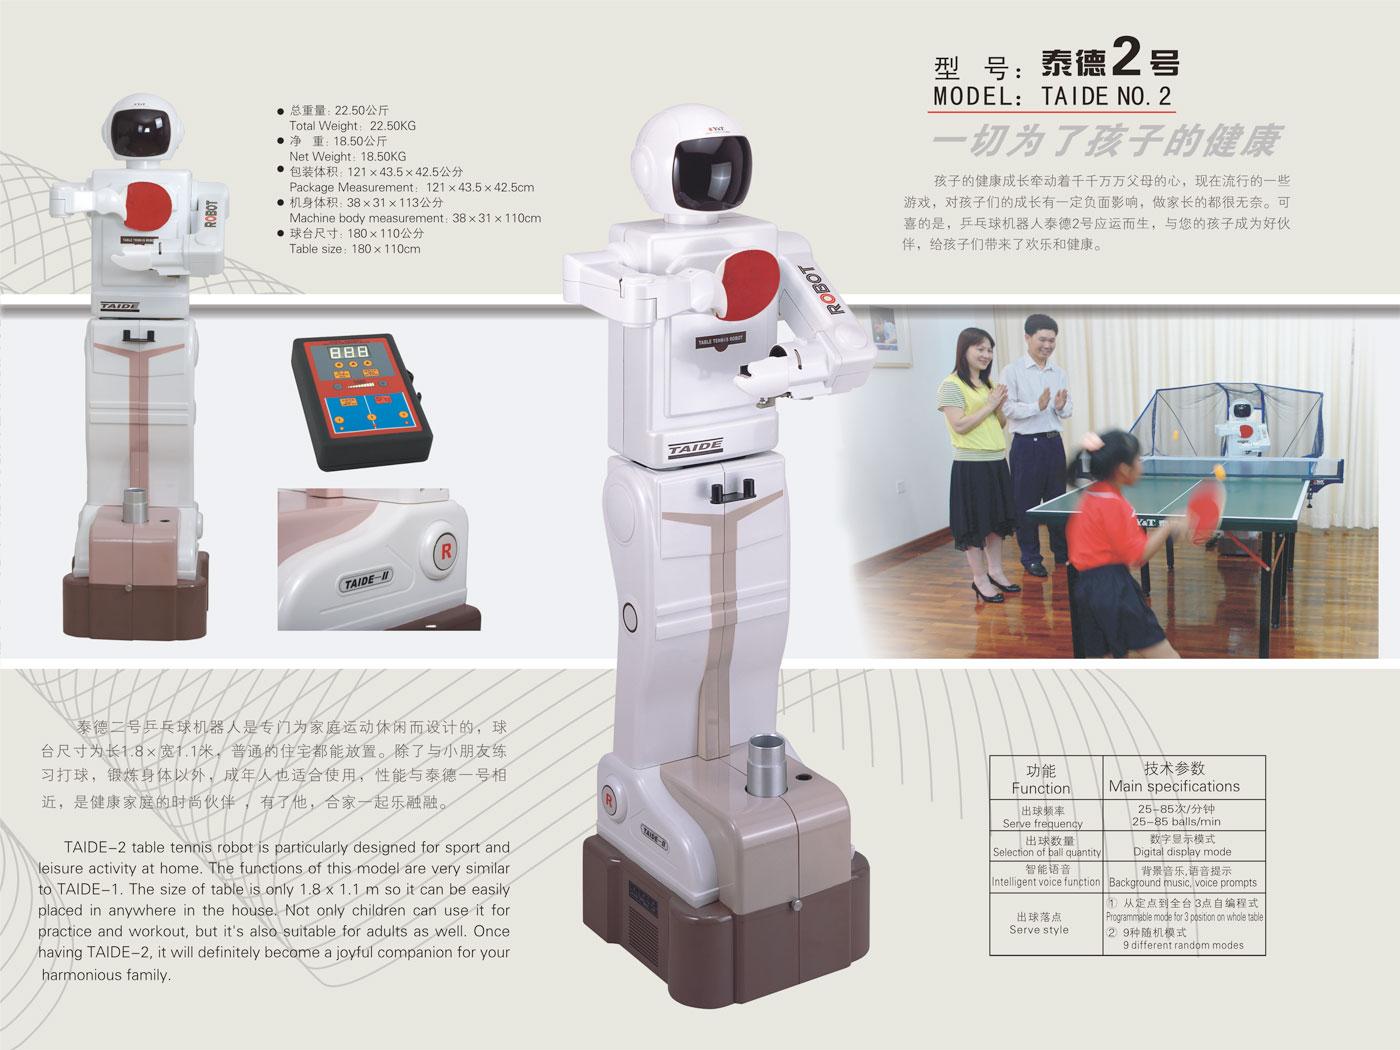 乒乓球发球机 泰德机器人2号